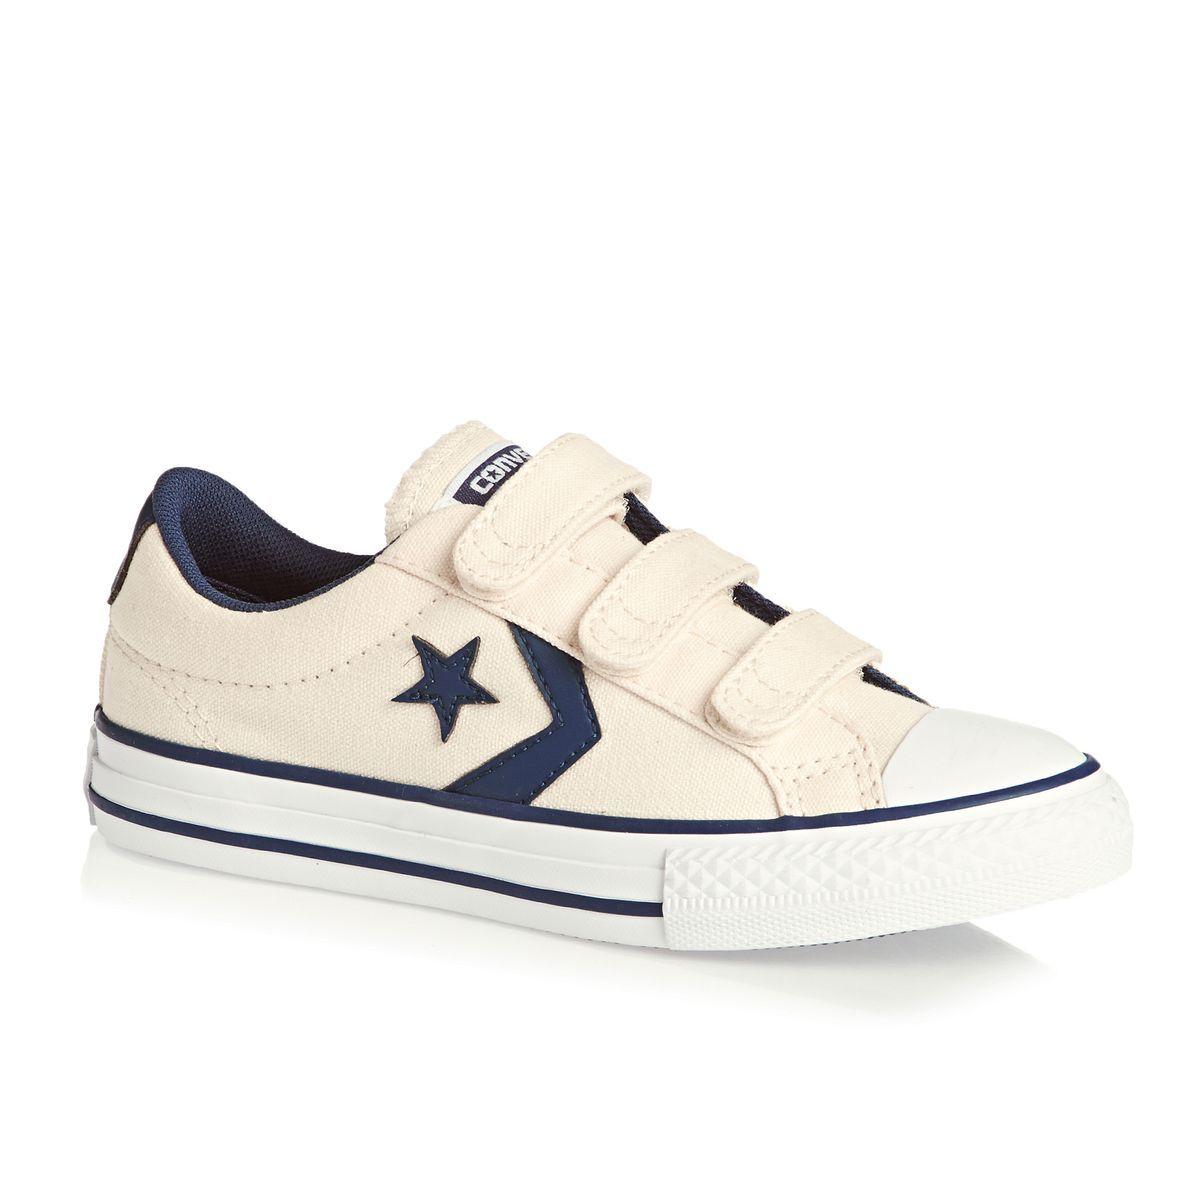 Zapatos azules casual Converse Star Player para mujer Precio barato de Manchester Uzv04